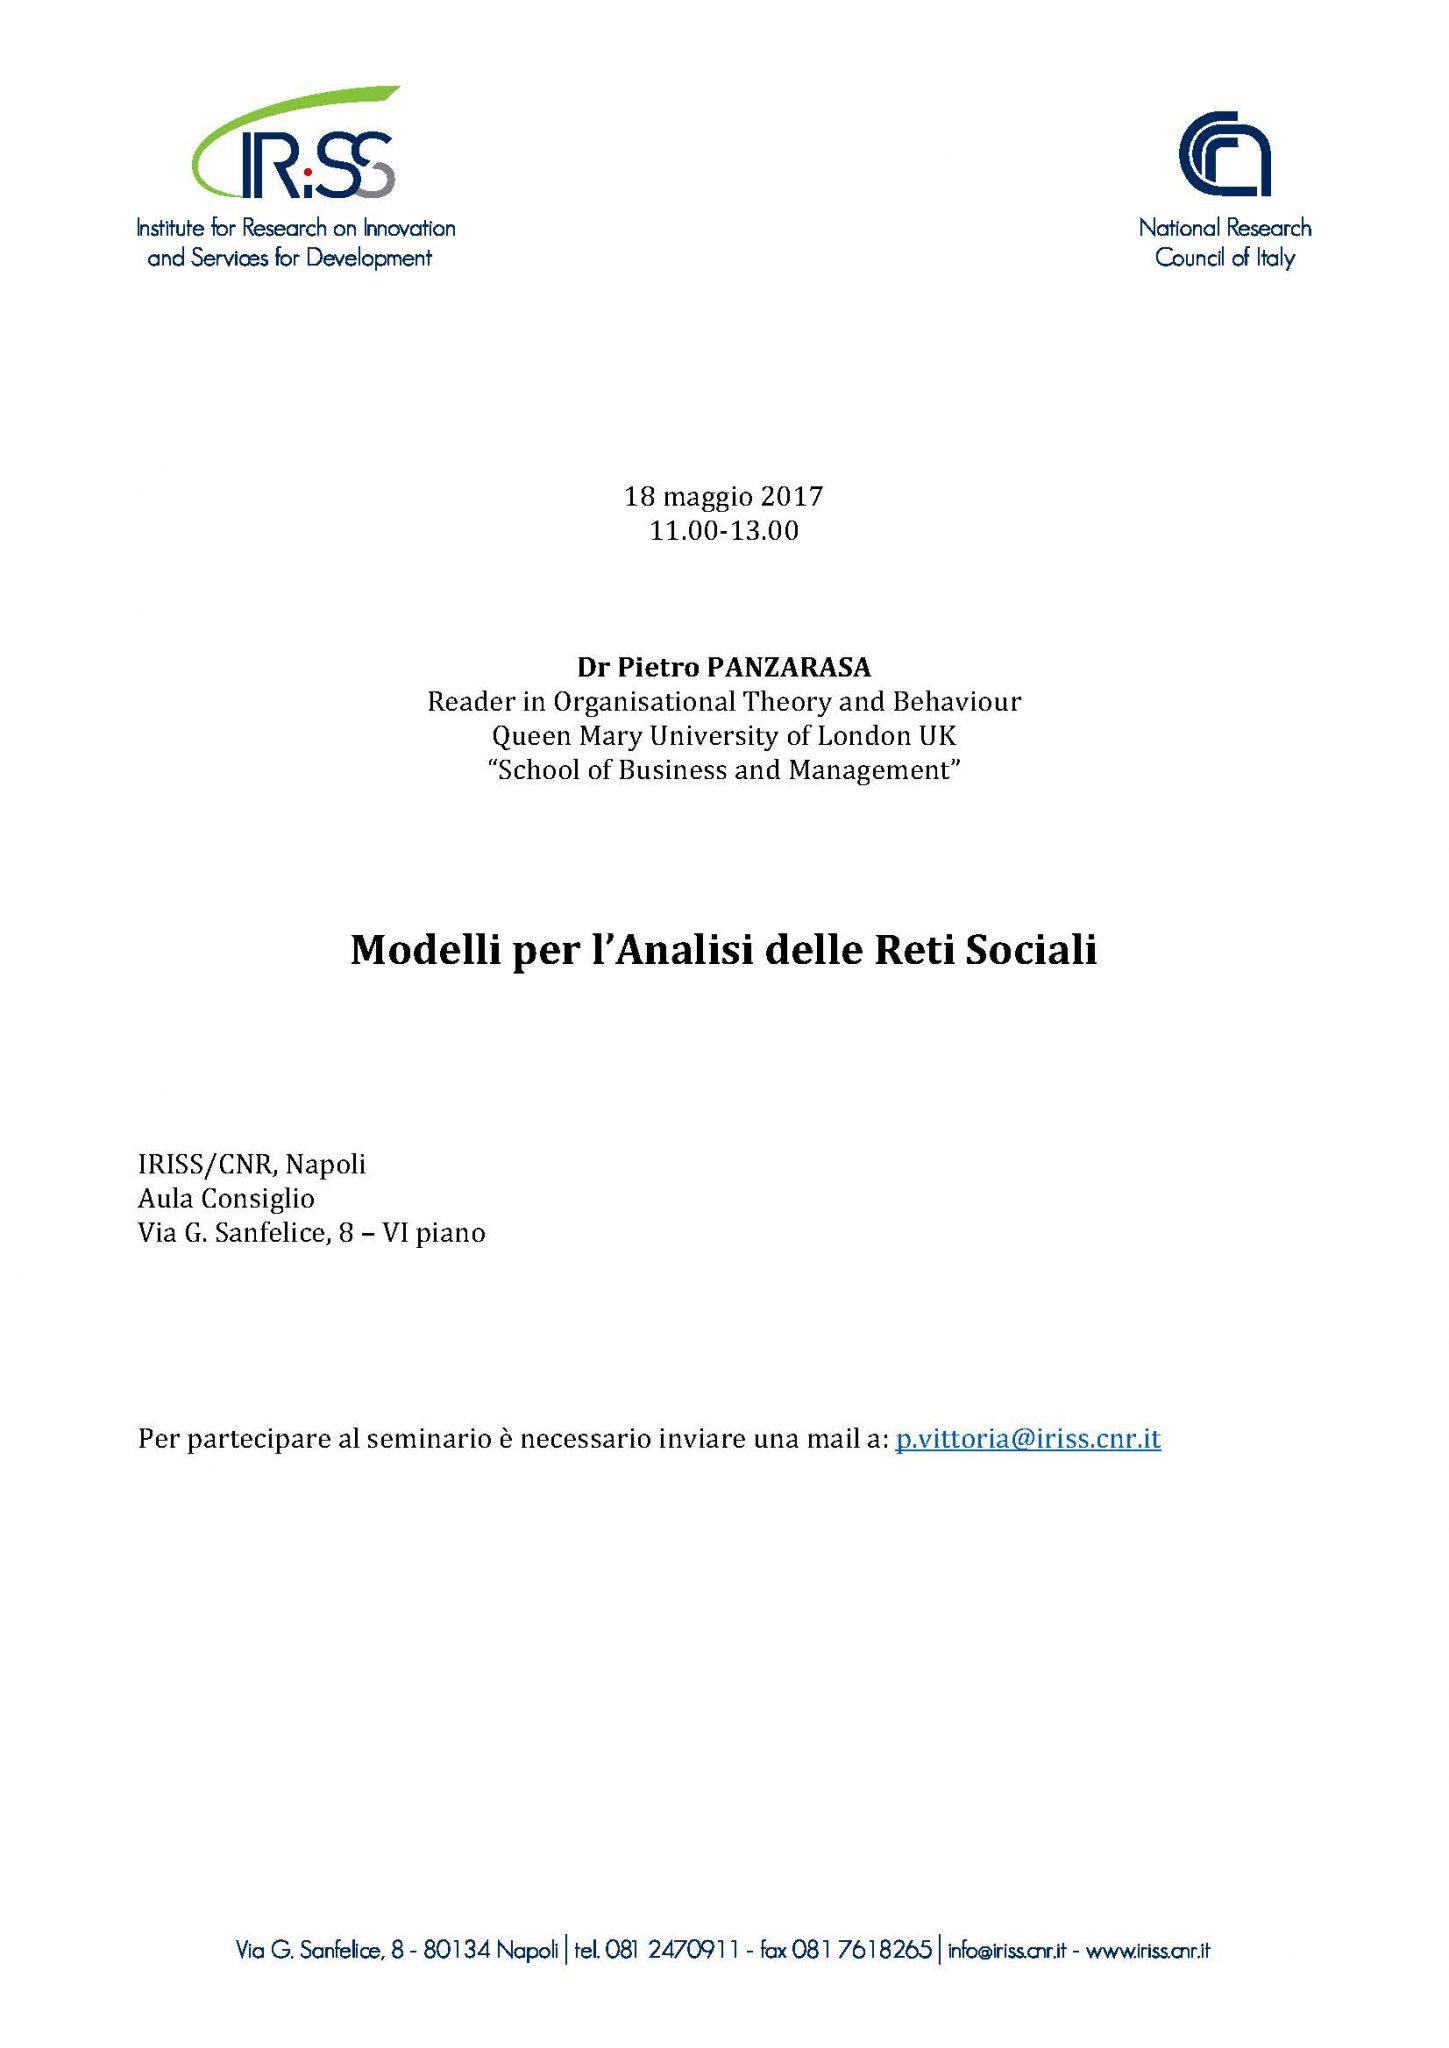 """Seminario scientifico del prof. Pietro Panzarasa su """"Modelli per l'Analisi delle Reti Sociali"""""""